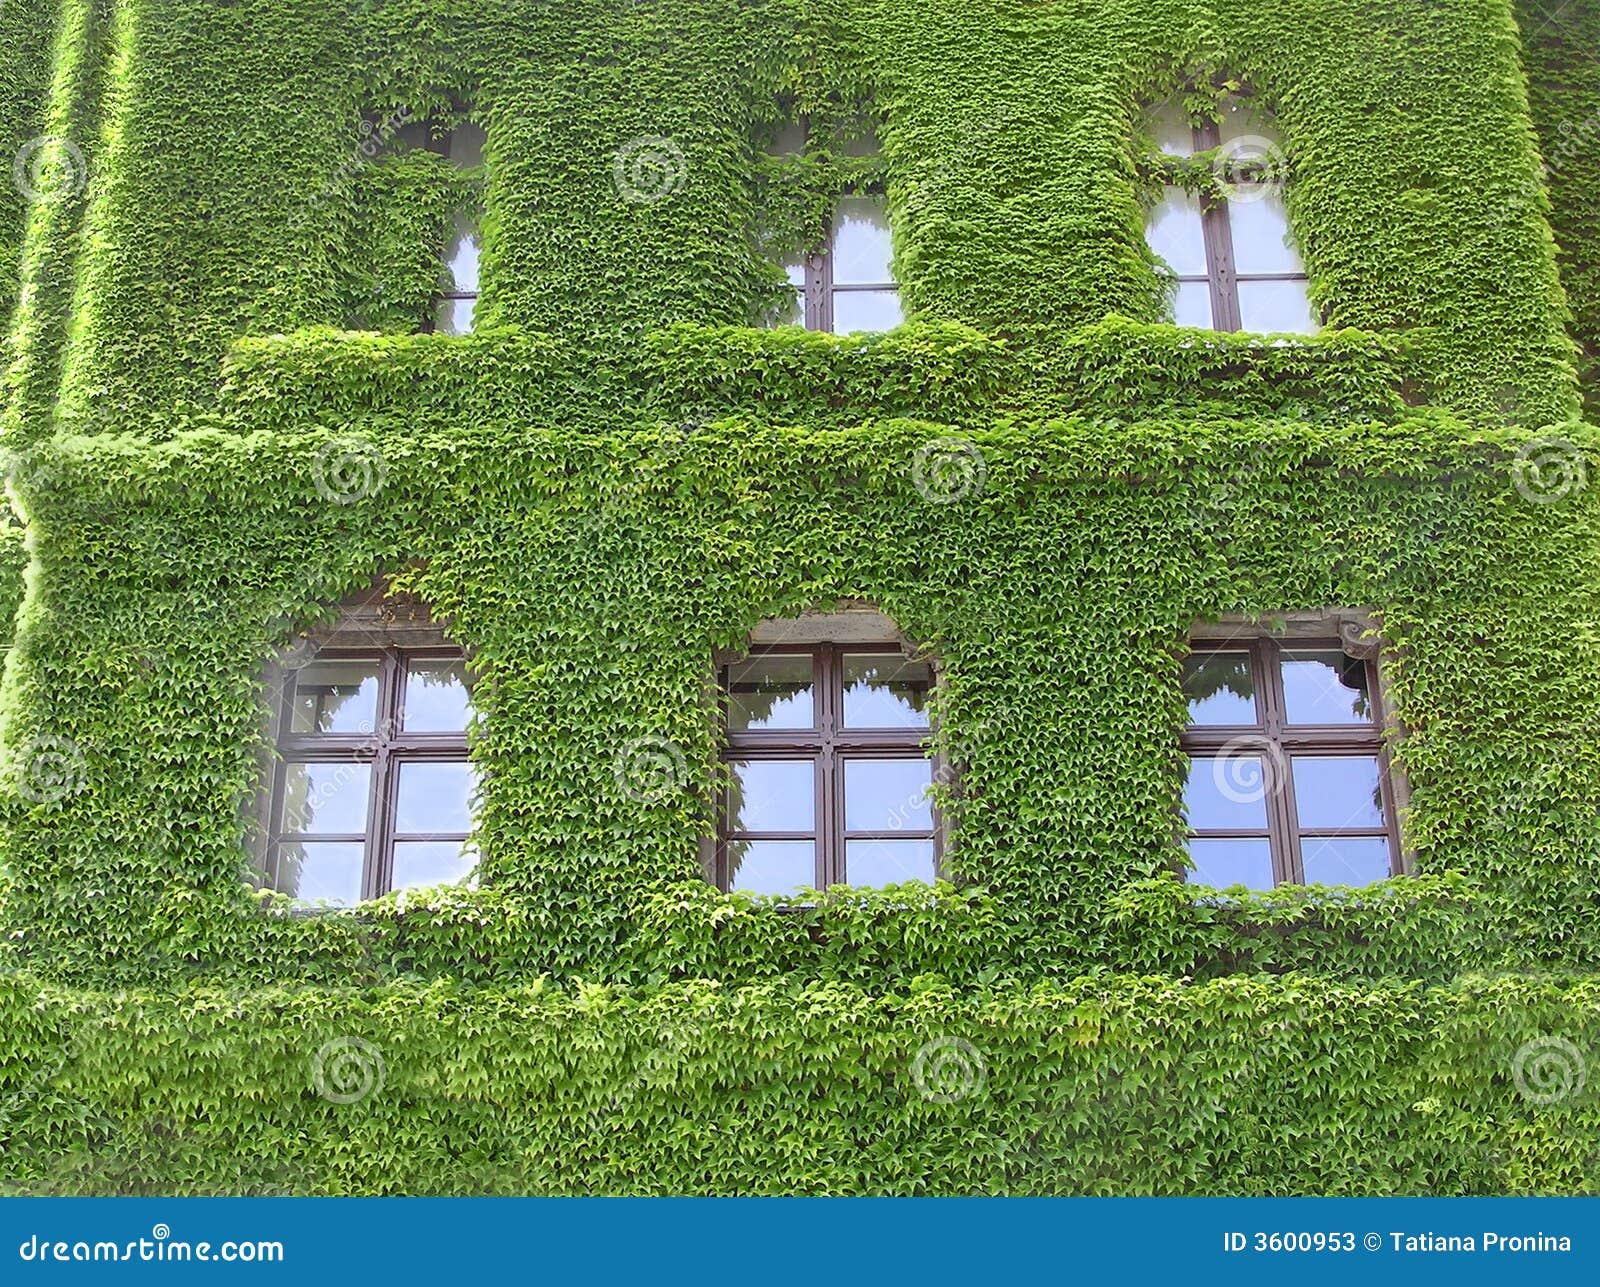 Groen huis stock afbeelding afbeelding bestaande uit verdraaid 3600953 - Groen huis model ...